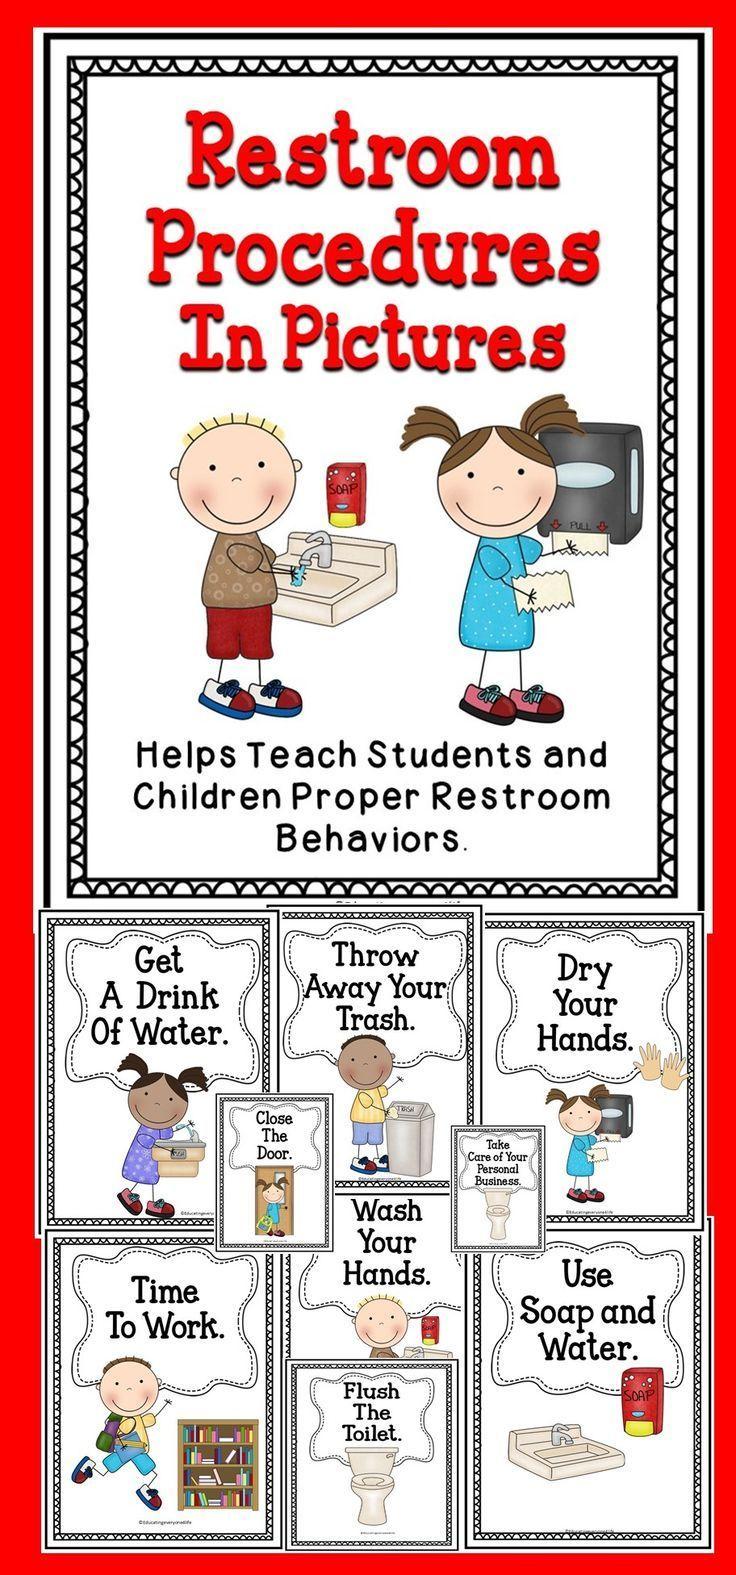 Restroom procedures classroom activities teaching kids - Bathroom procedures for preschool ...